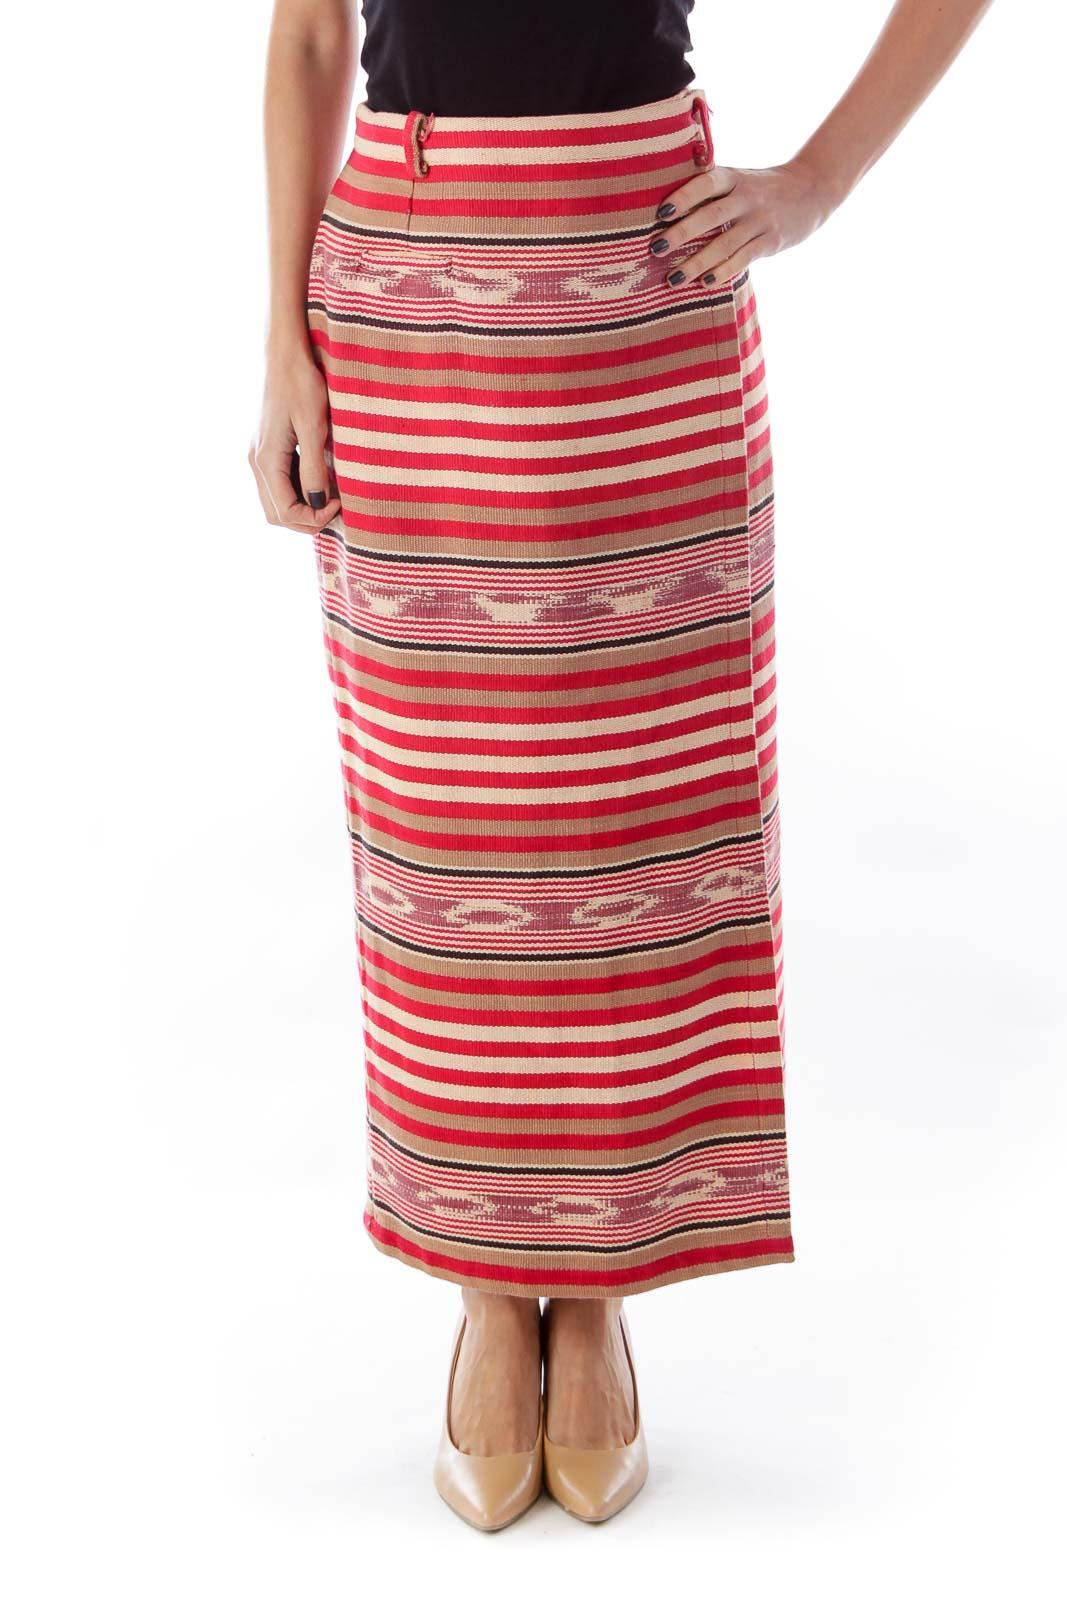 Red Stripe Vintage Skirt Front